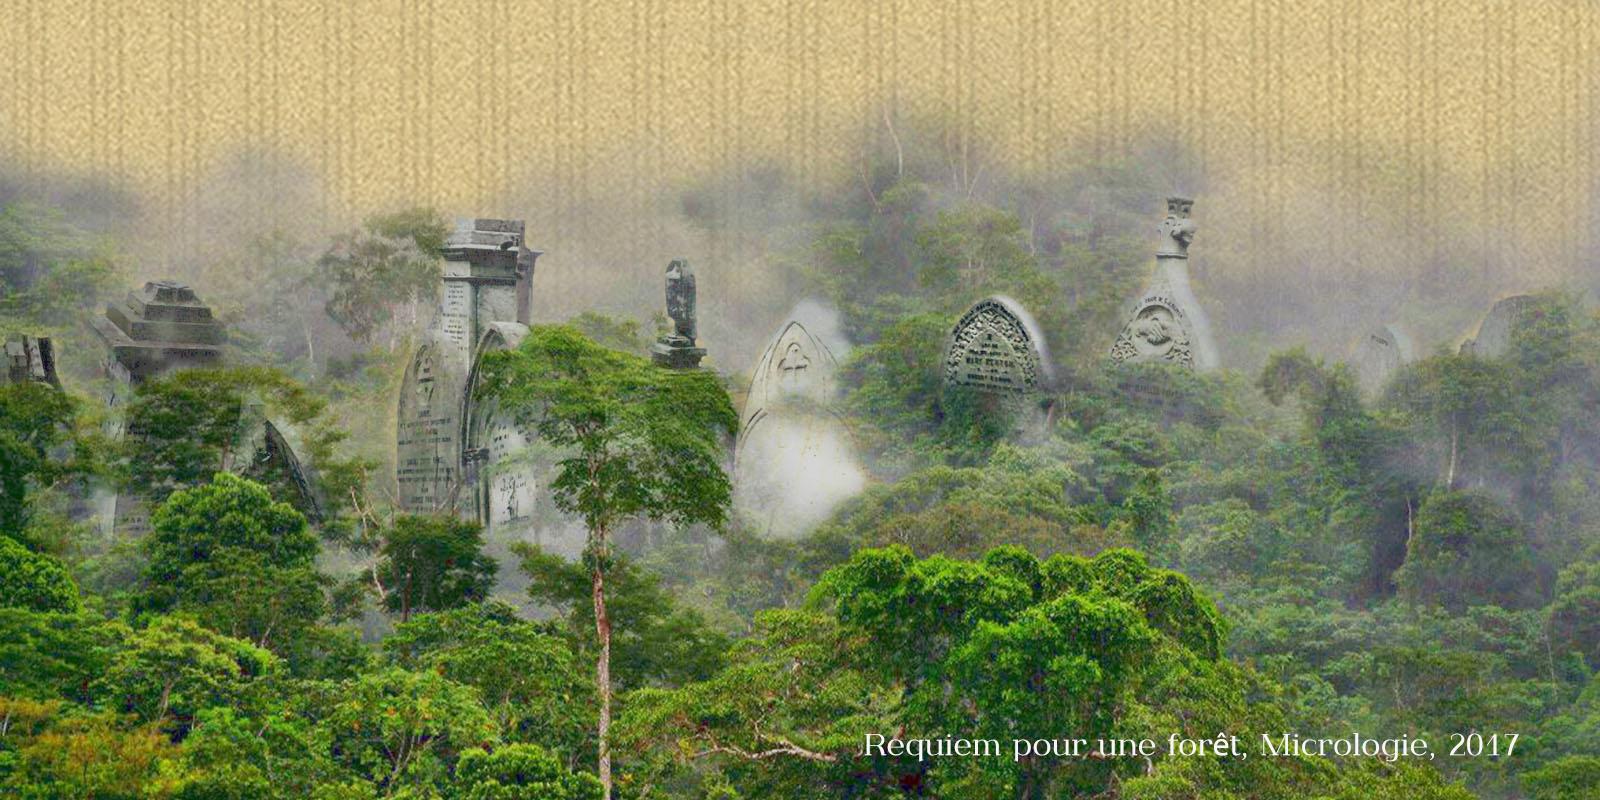 Requiem pour une forêt, micrologie